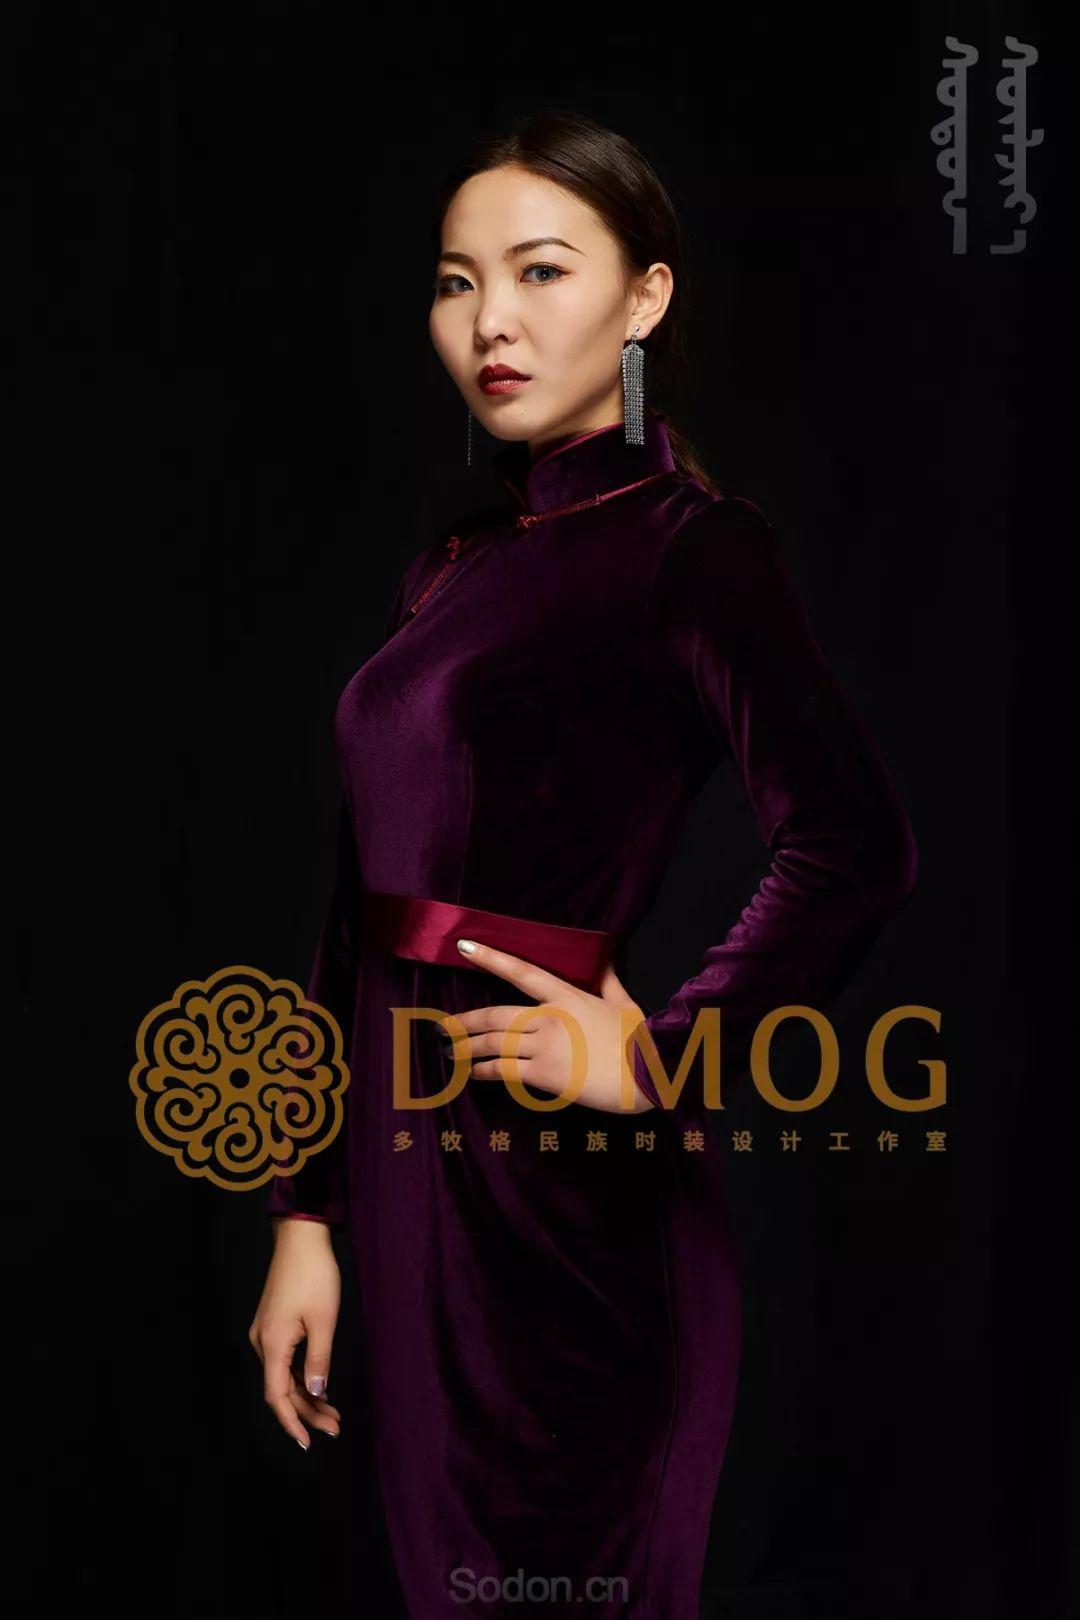 DOMOG蒙古时装绝美秋冬款系列,美出新高度! 第9张